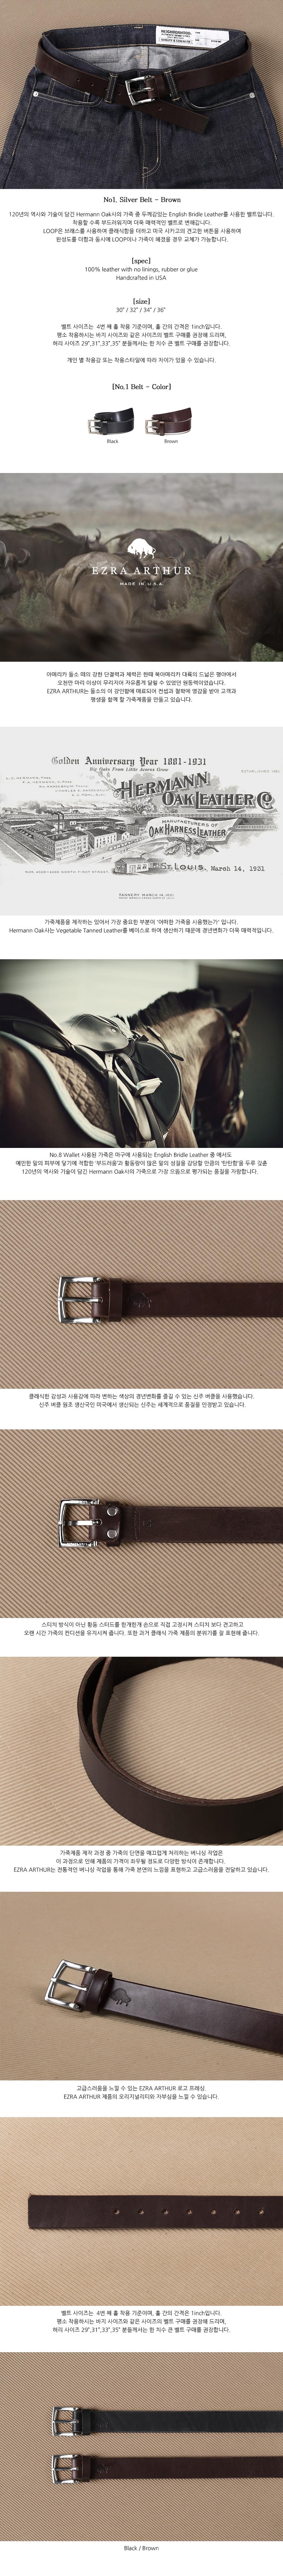 [에스라아서]No.1 Silver Belt -  Brown